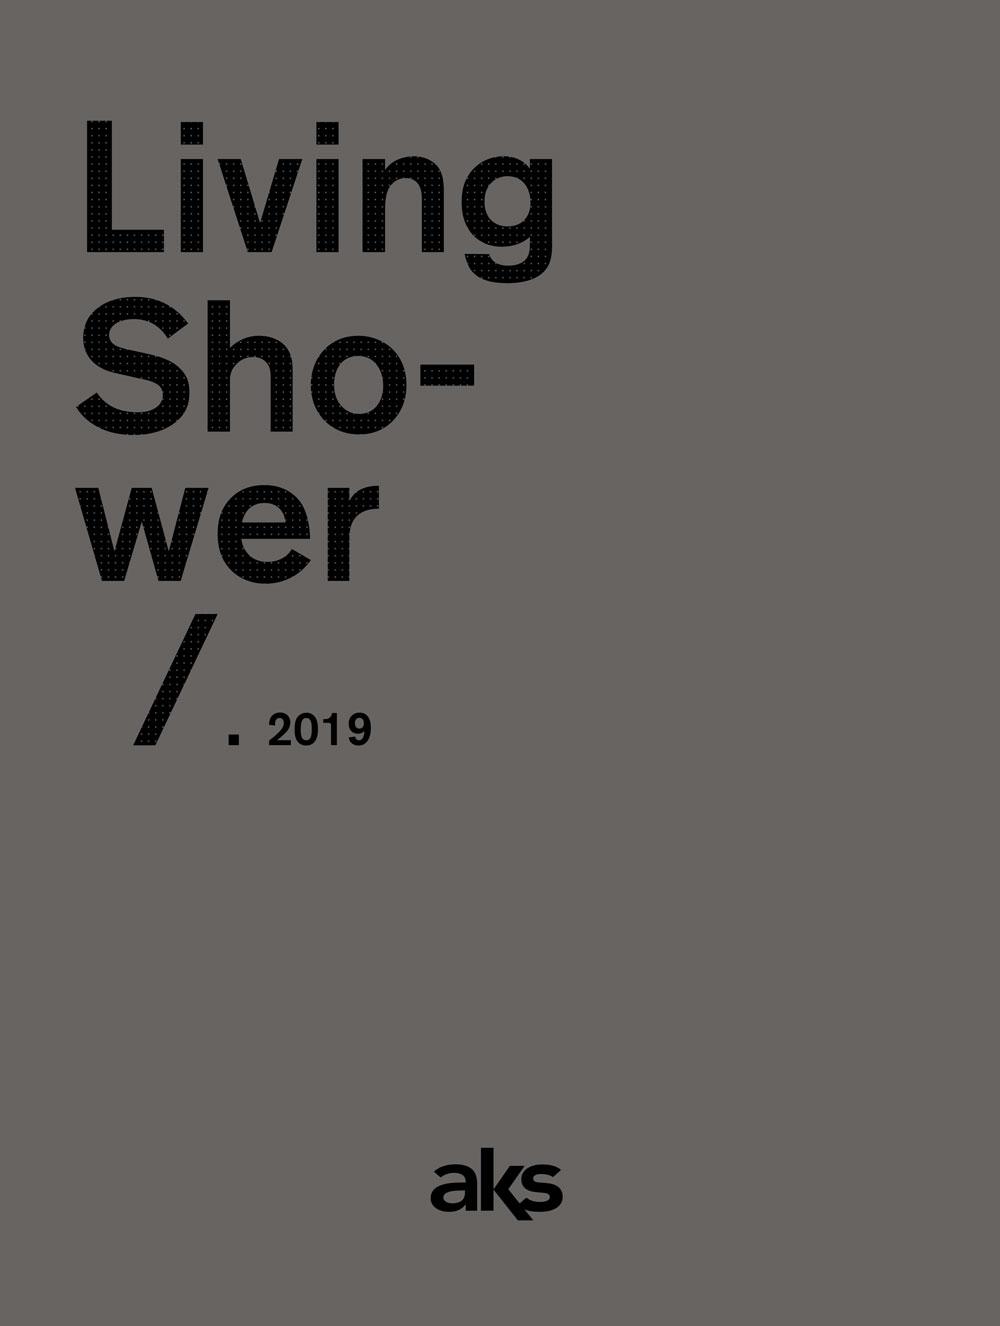 AKS LIVING-SHOWER-2019.jpg